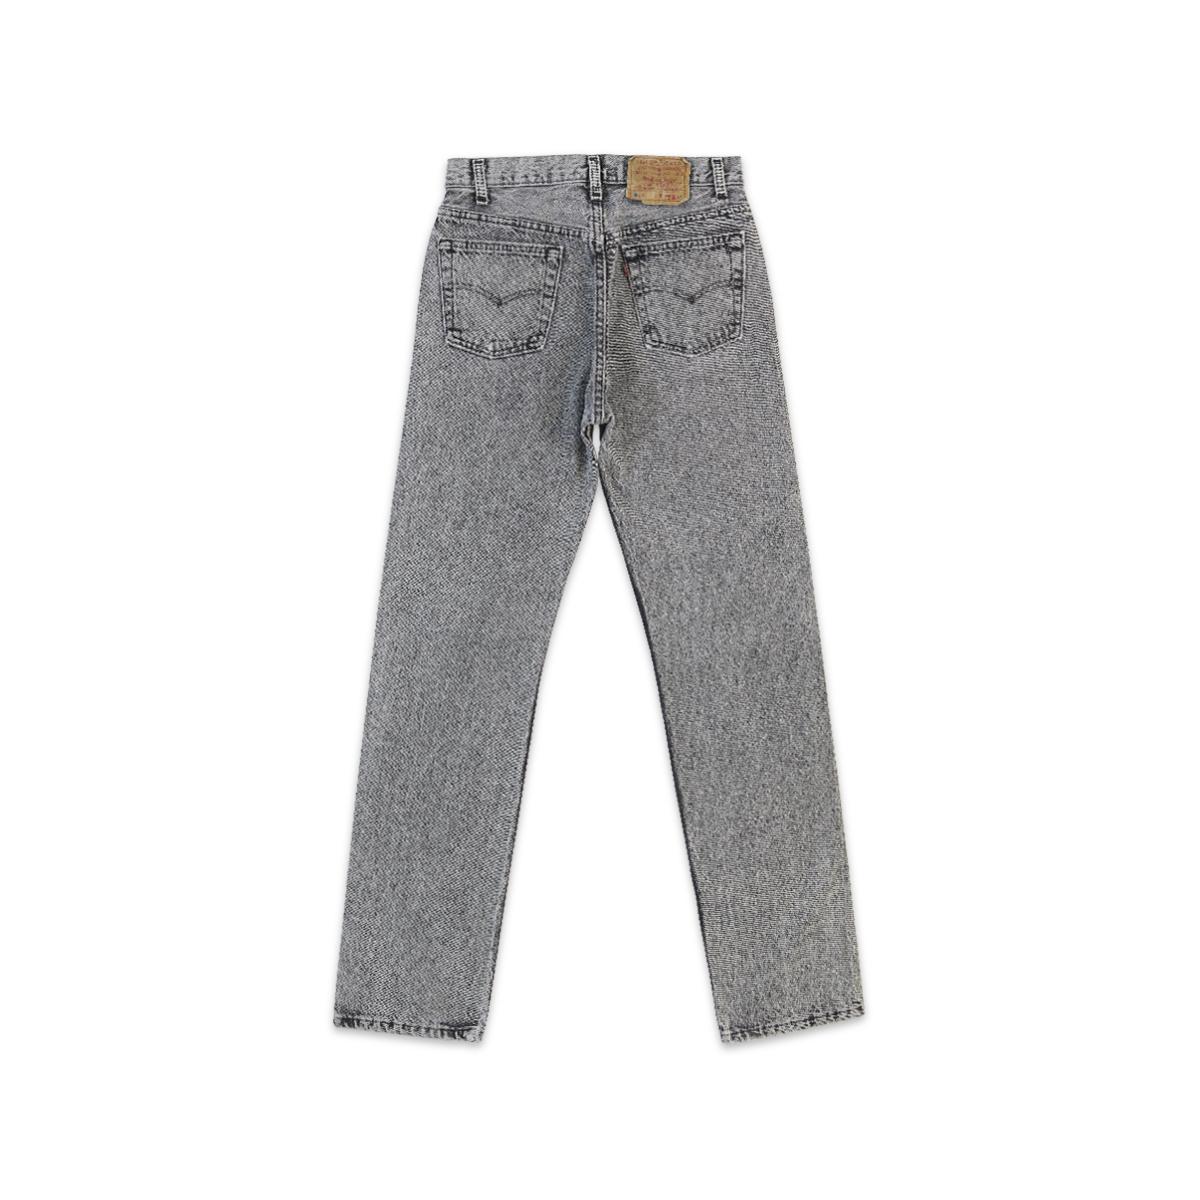 Levi's Vintage 501 - Size 28